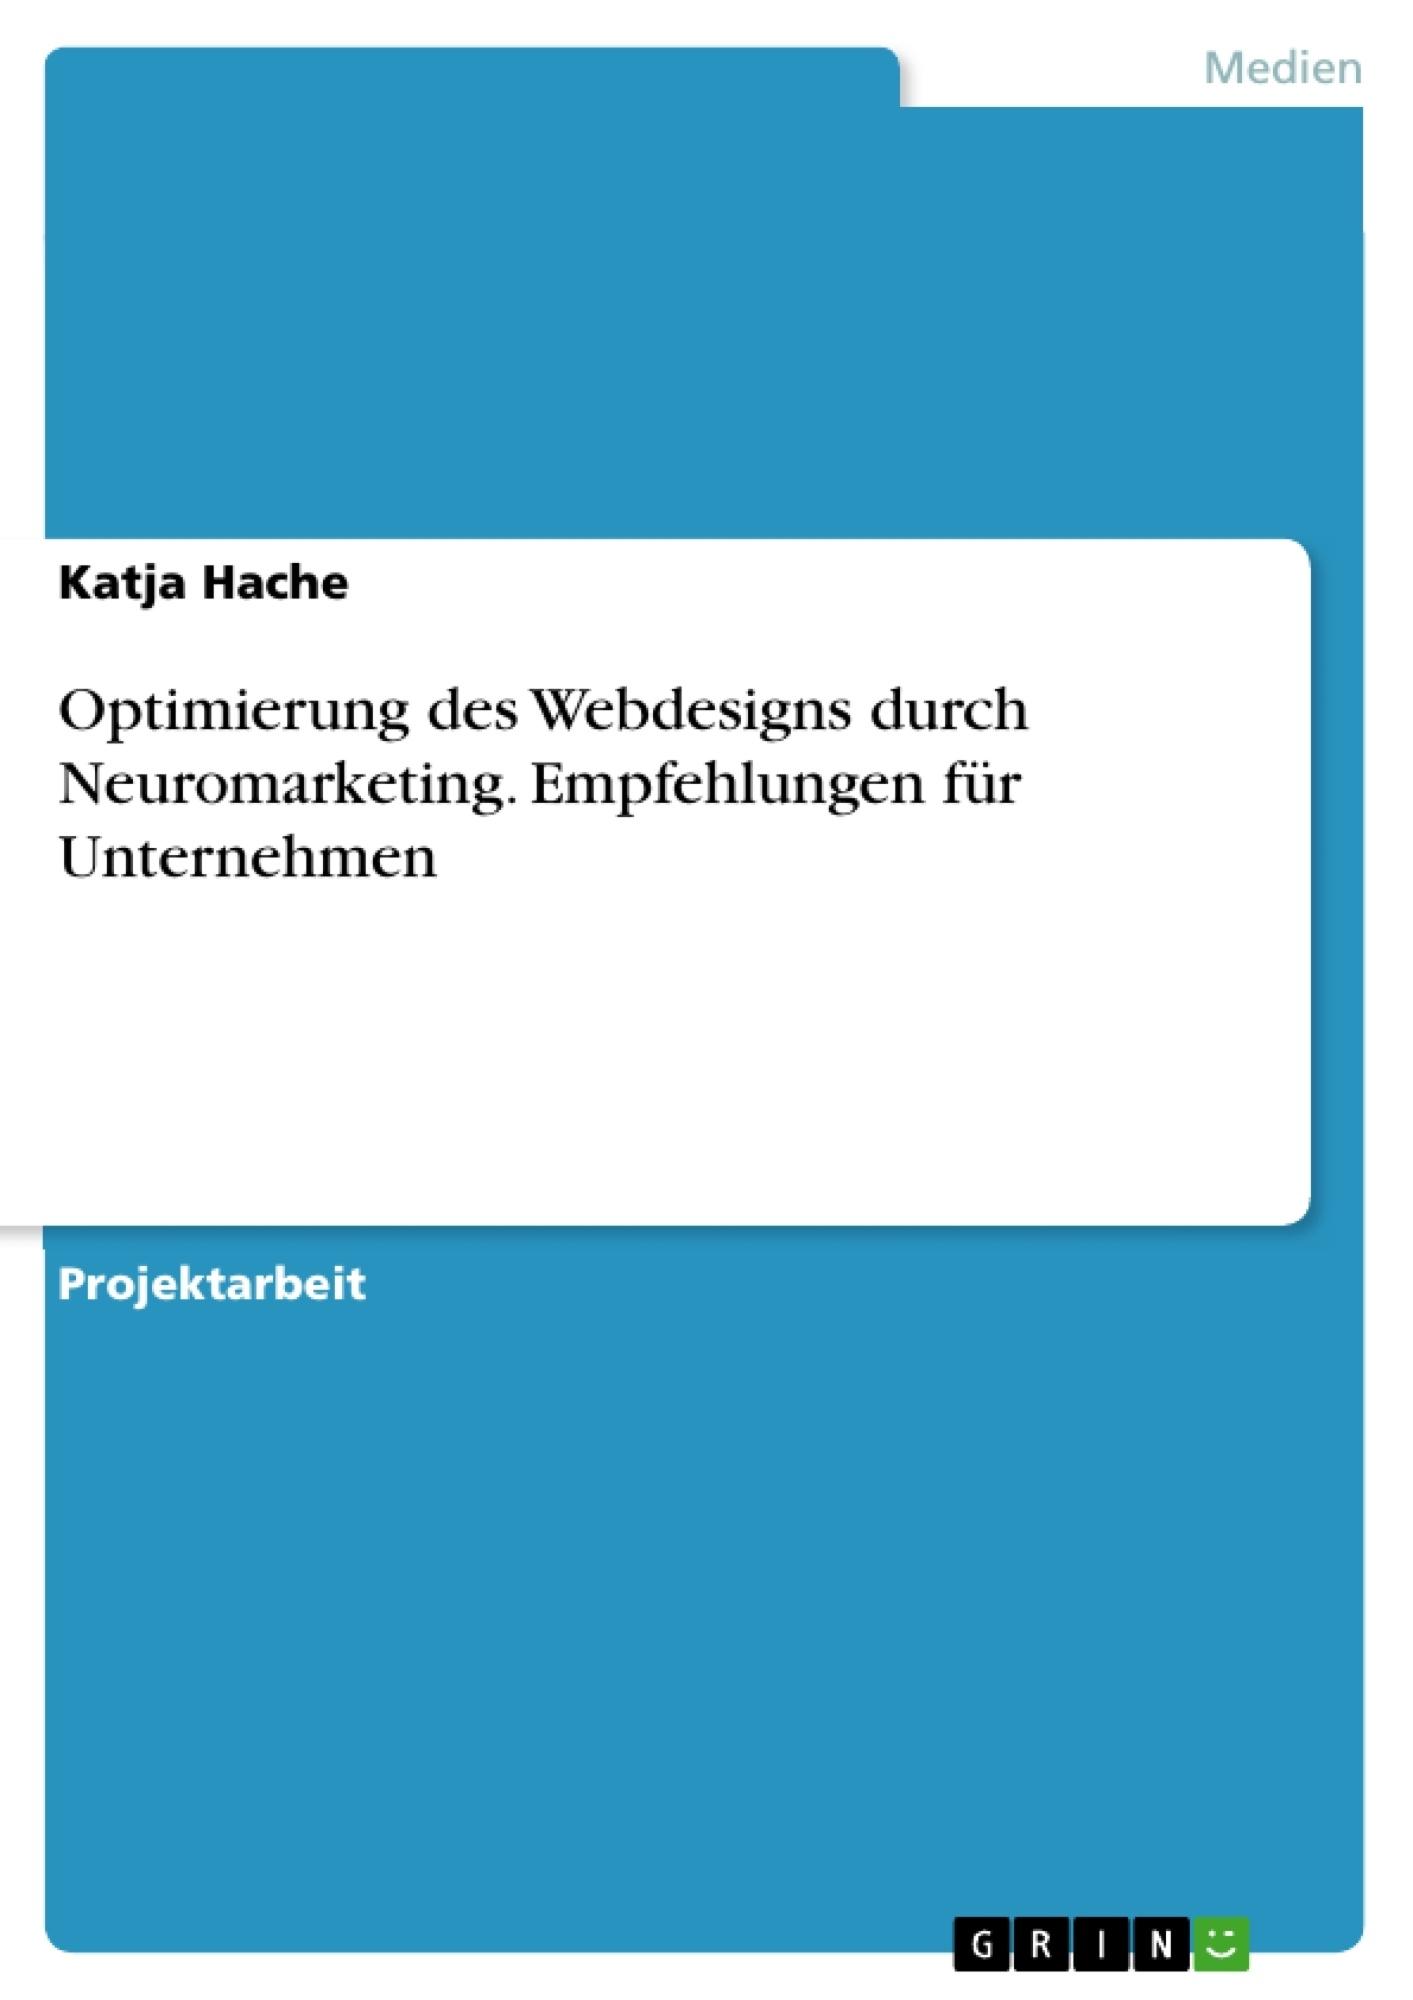 Titel: Optimierung des Webdesigns durch Neuromarketing. Empfehlungen für Unternehmen